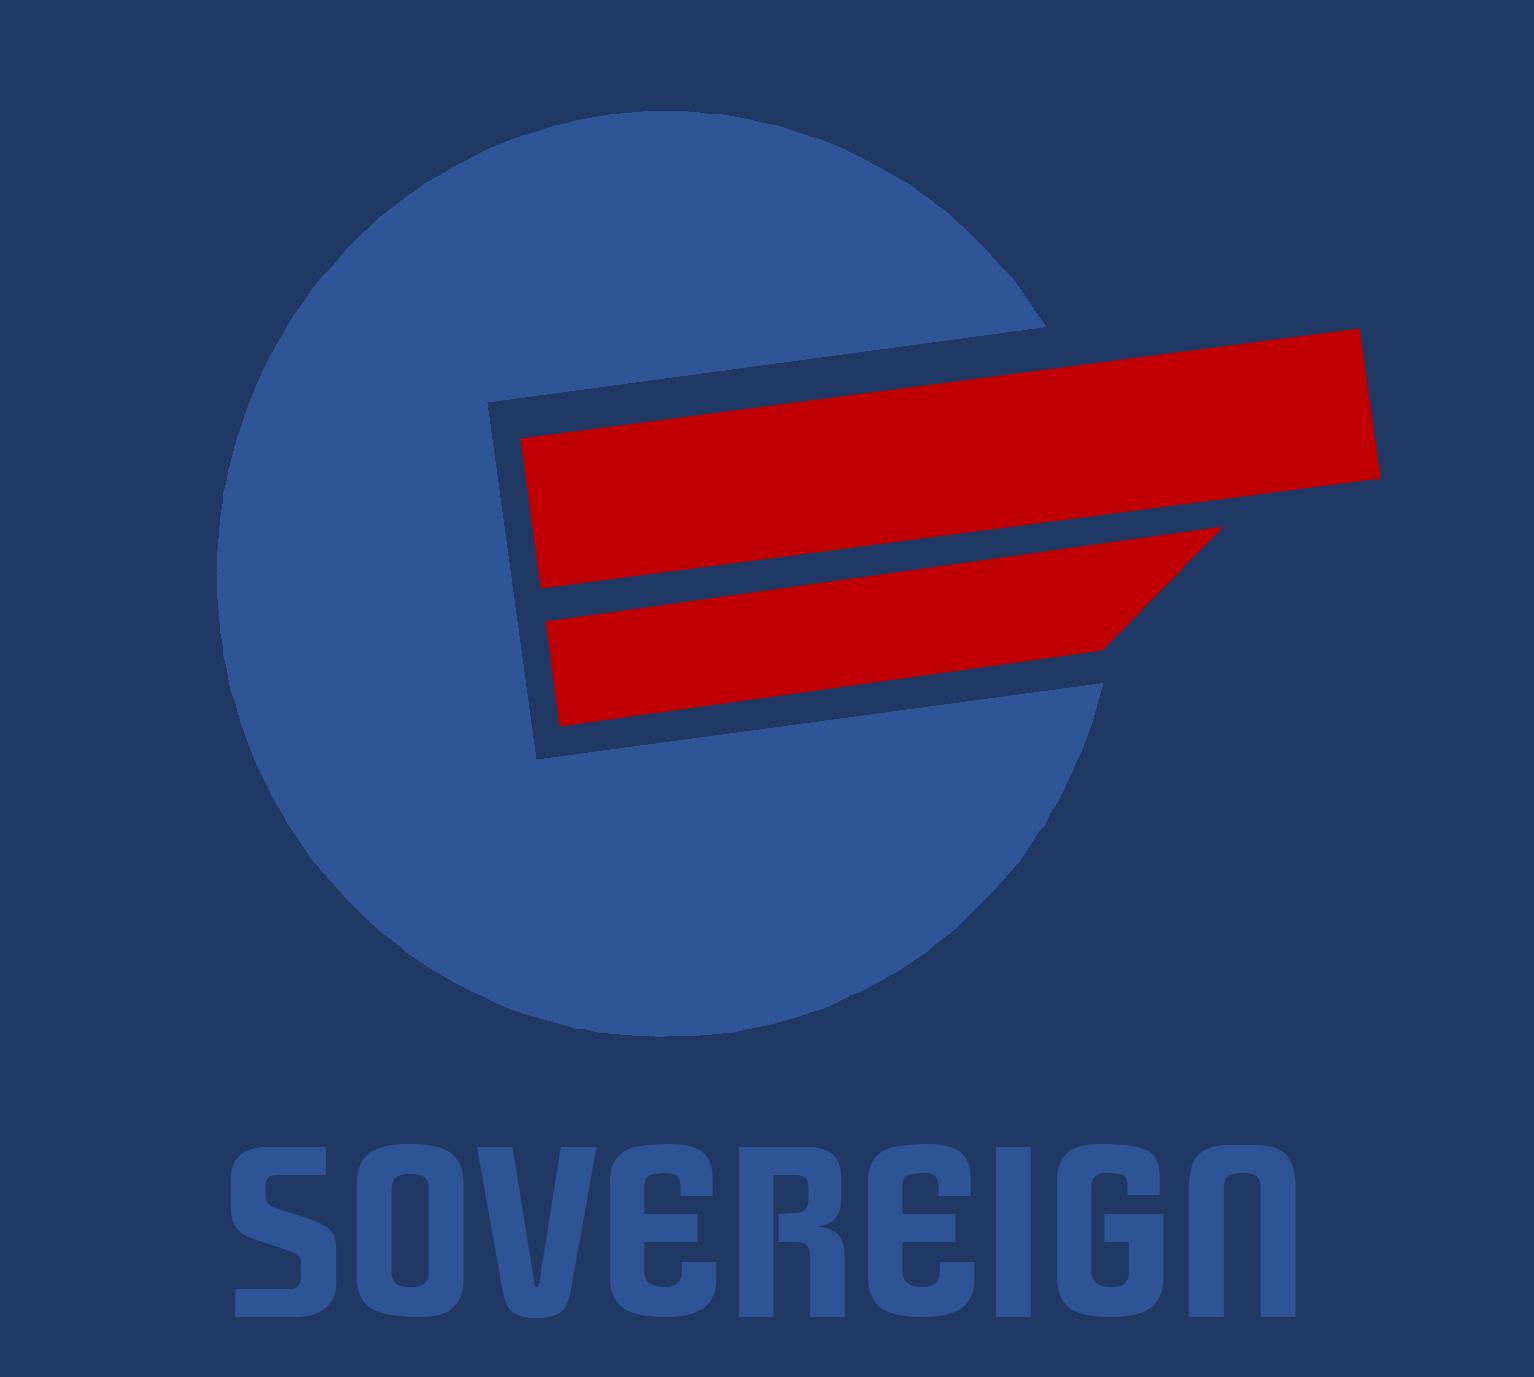 SovereignLogo.png